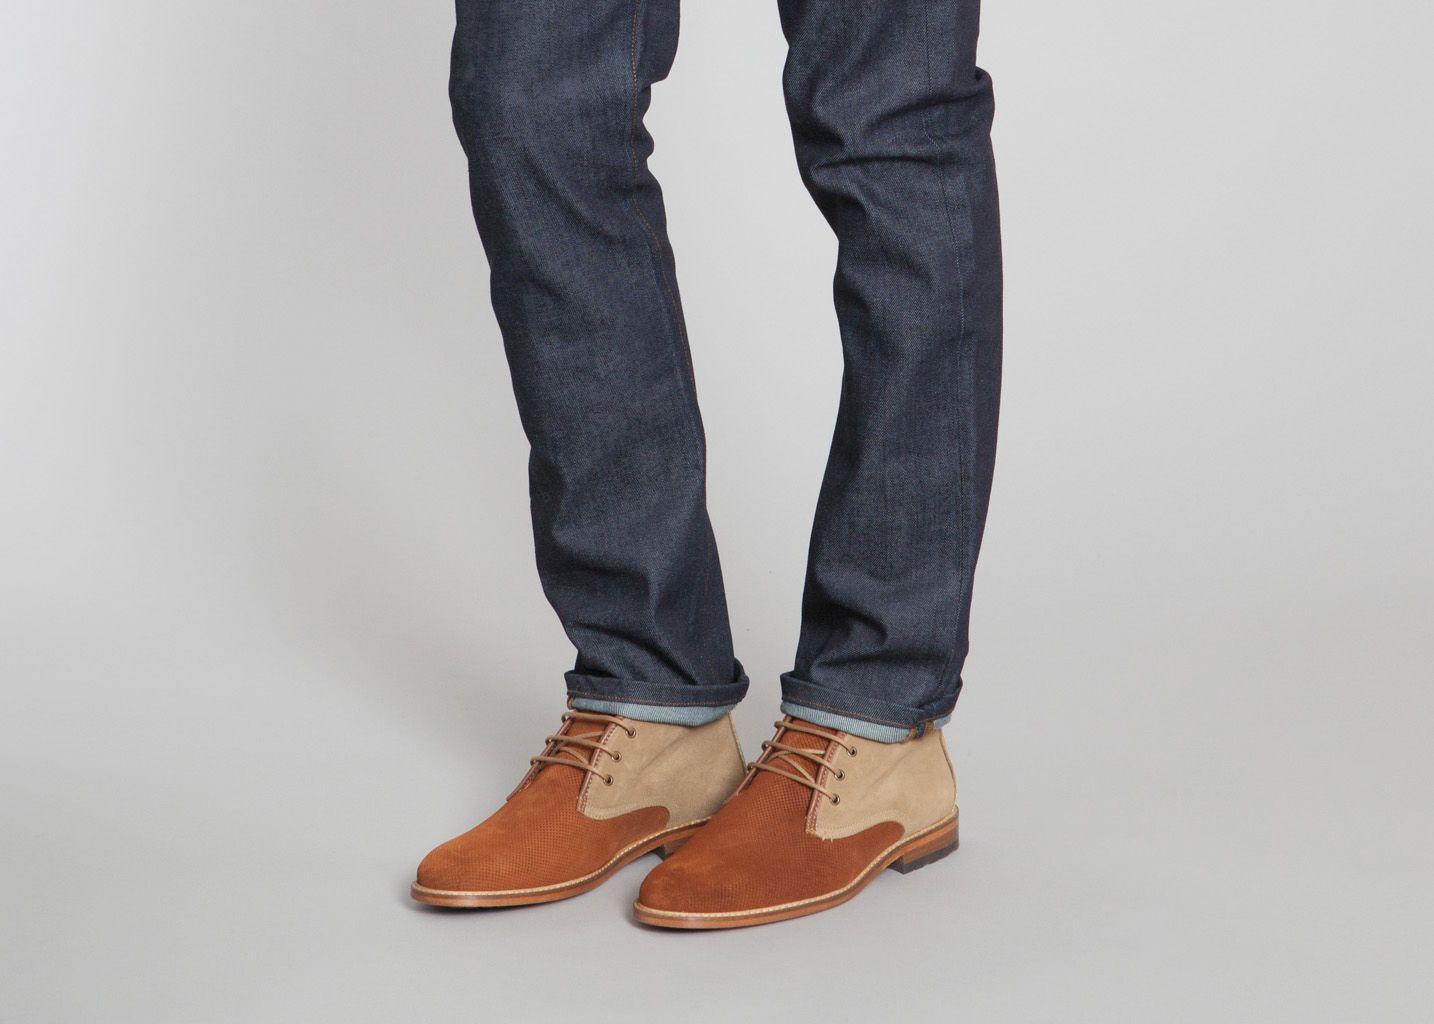 c068f4064c6 chaussure mr moustache